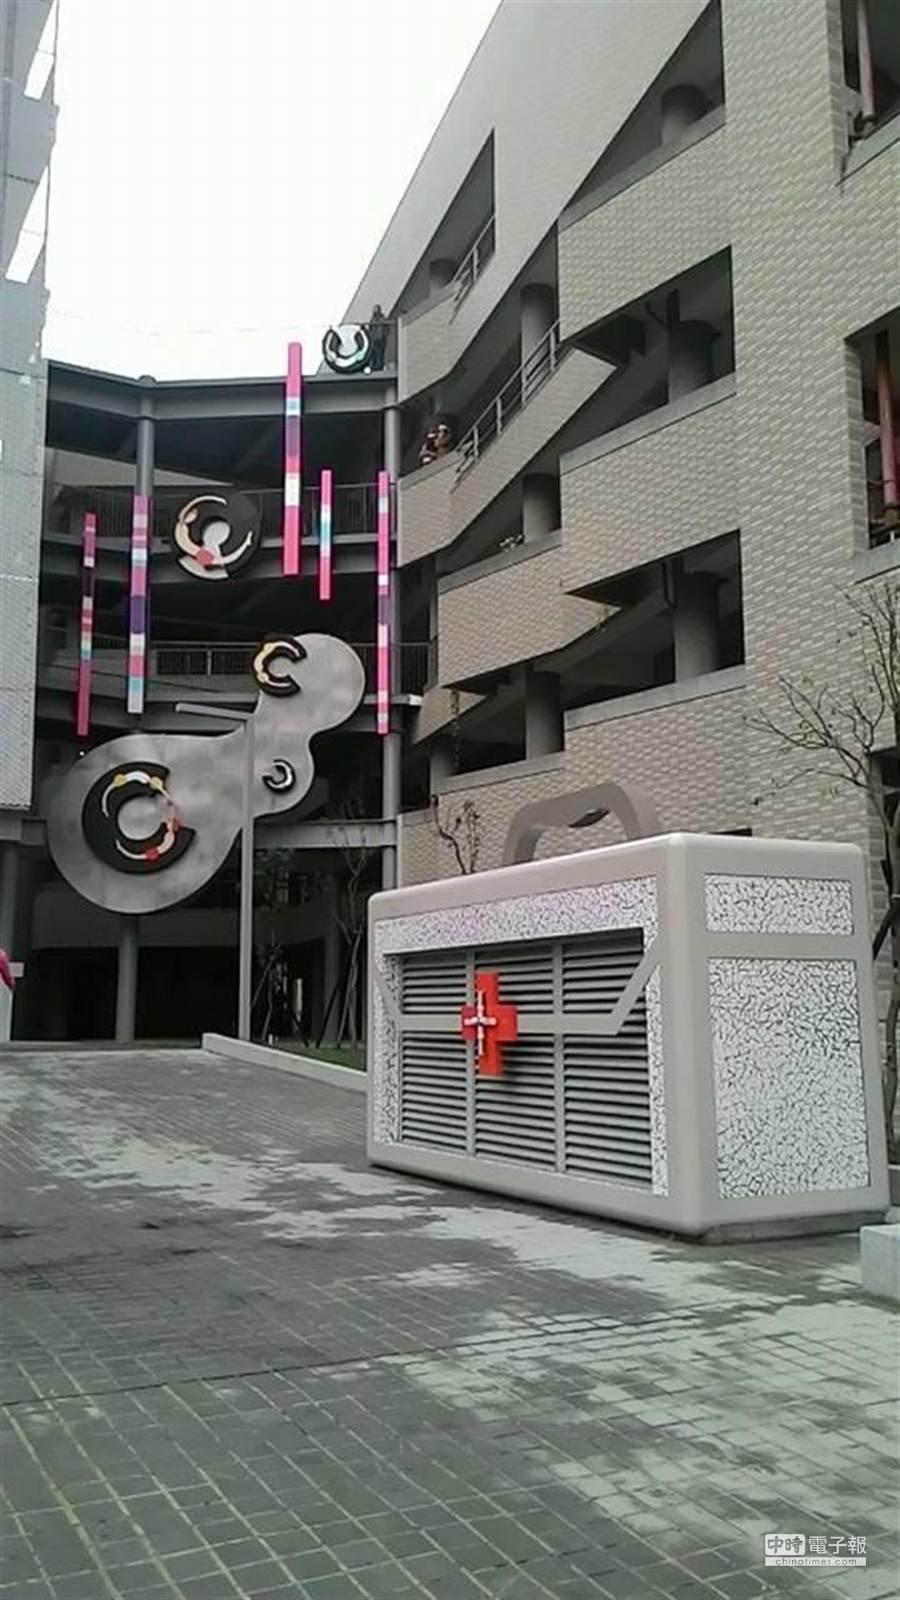 經過社造人員巧手改造,台南護校校園內出現一個大的醫護箱,大樓則裝上類似視力檢查表的C字符號。(程炳璋攝)